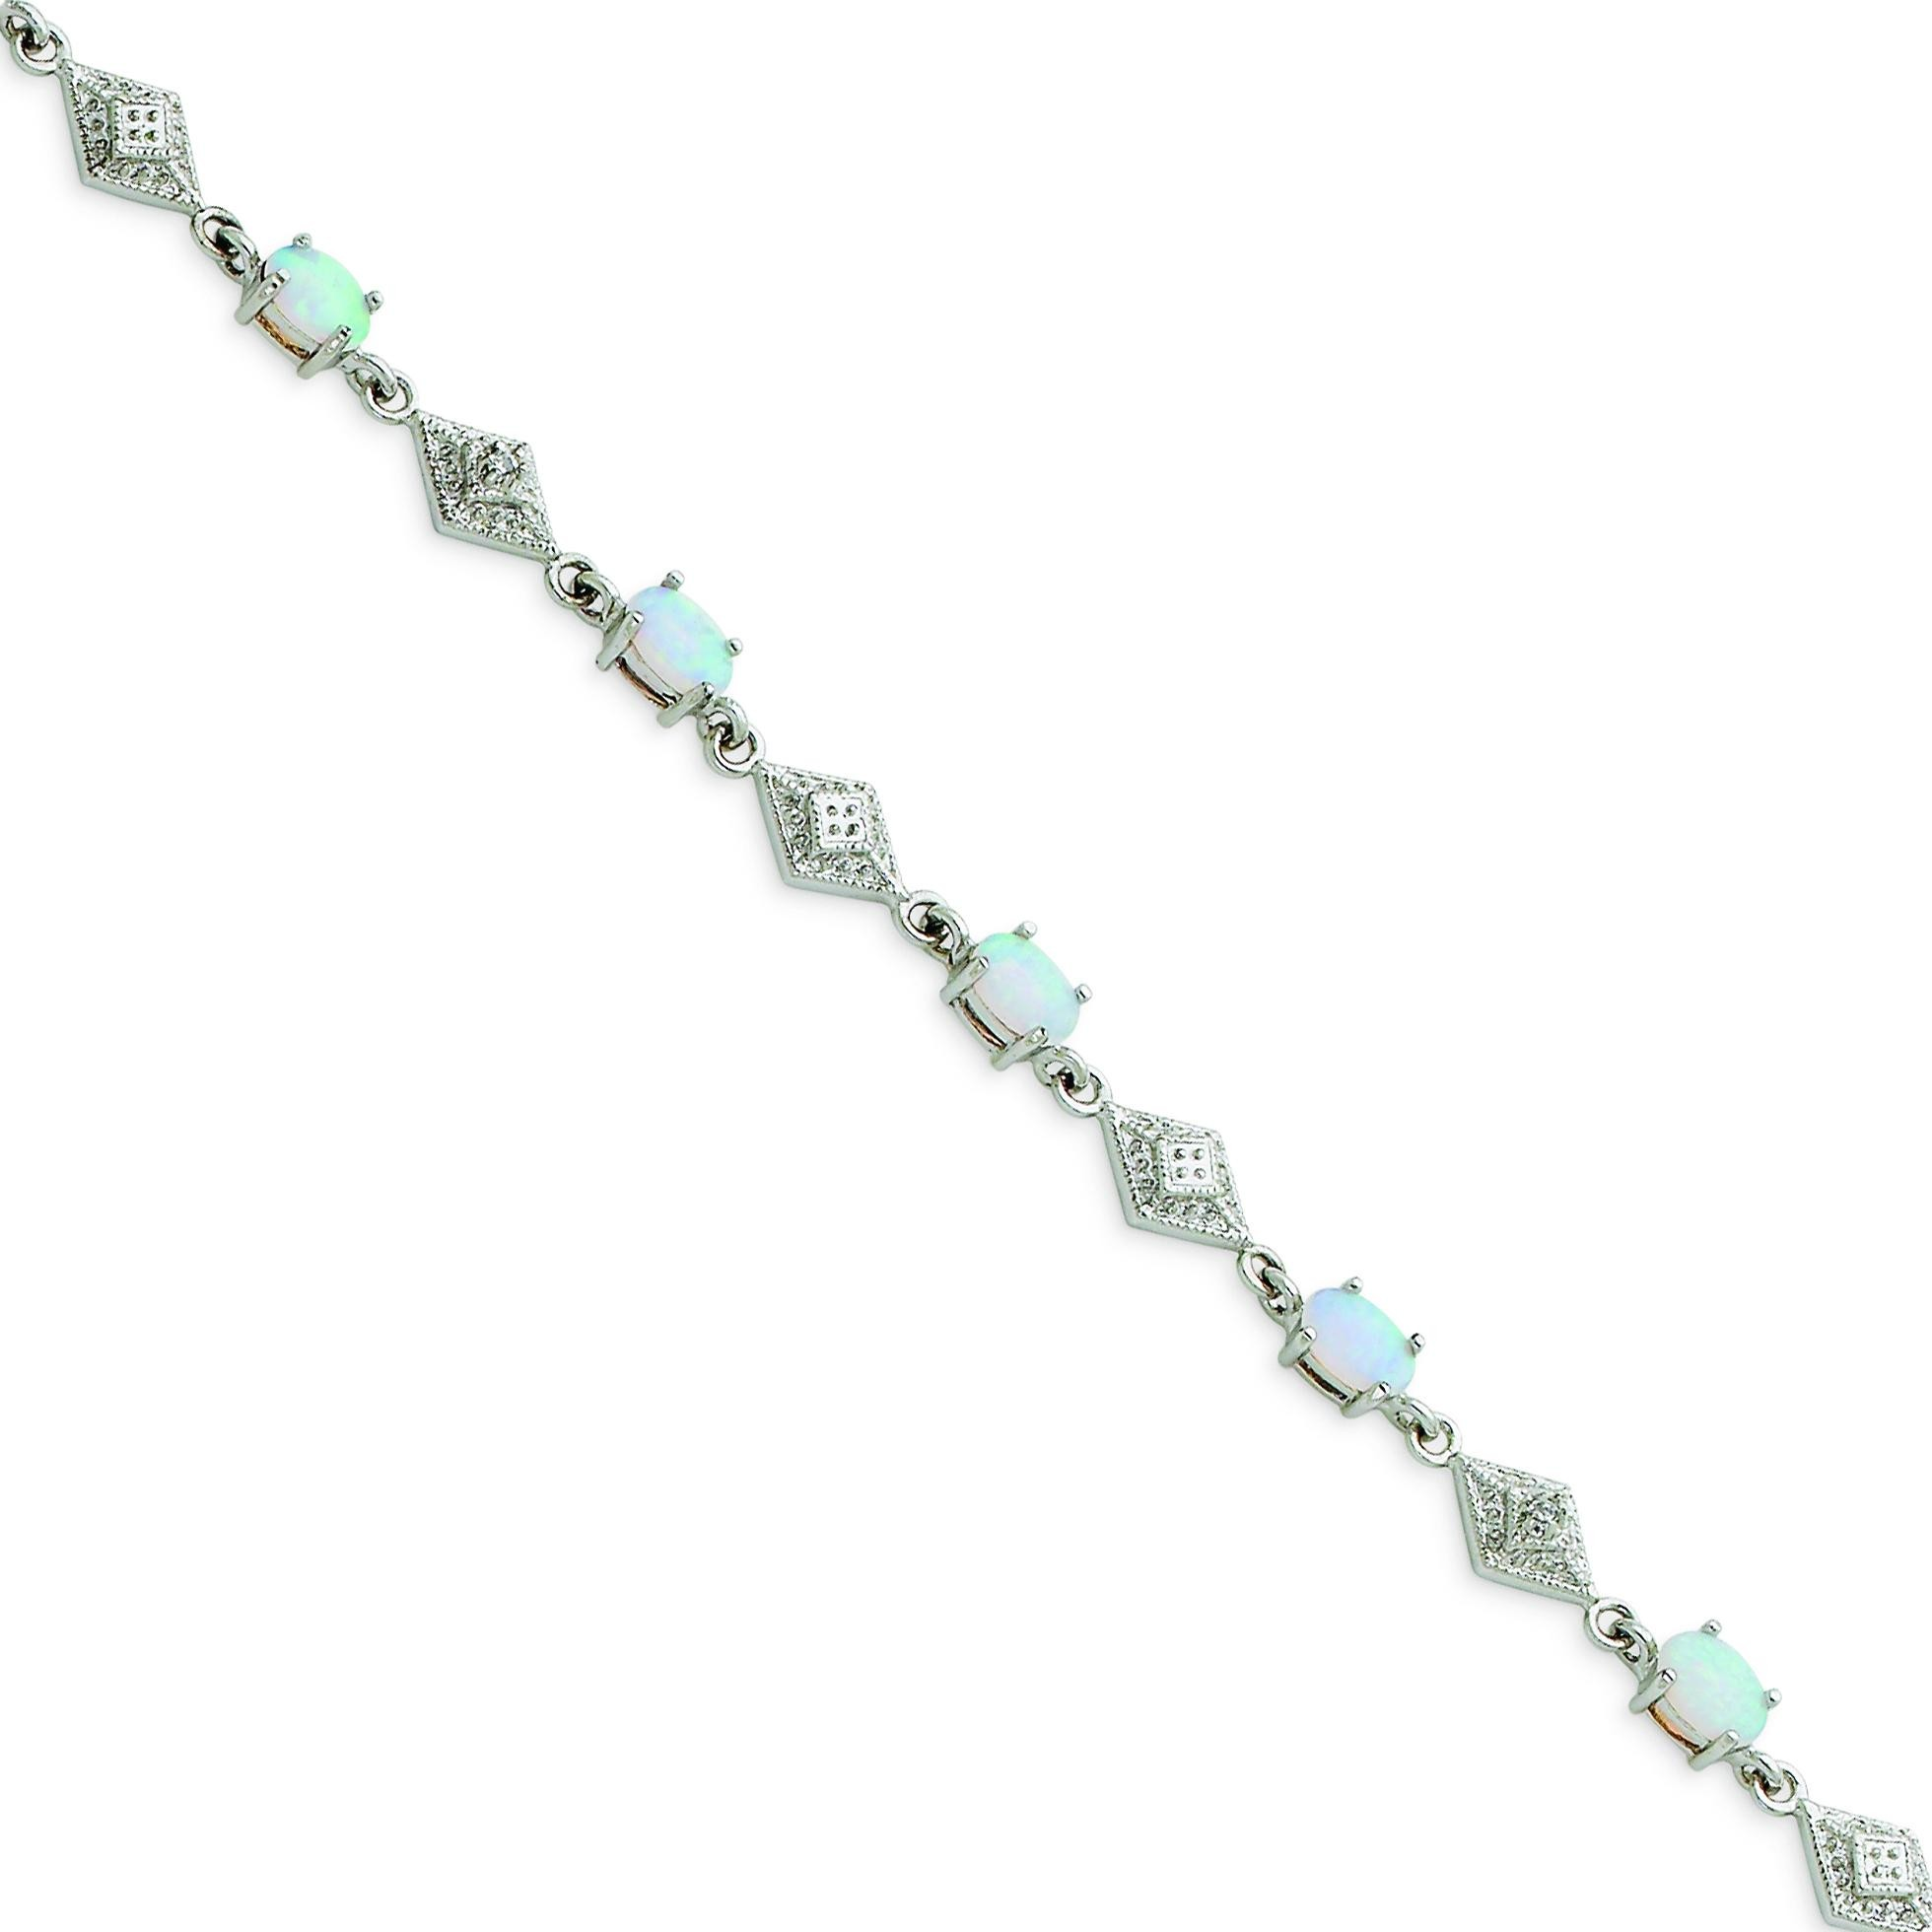 White Opal Bracelet in Sterling Silver